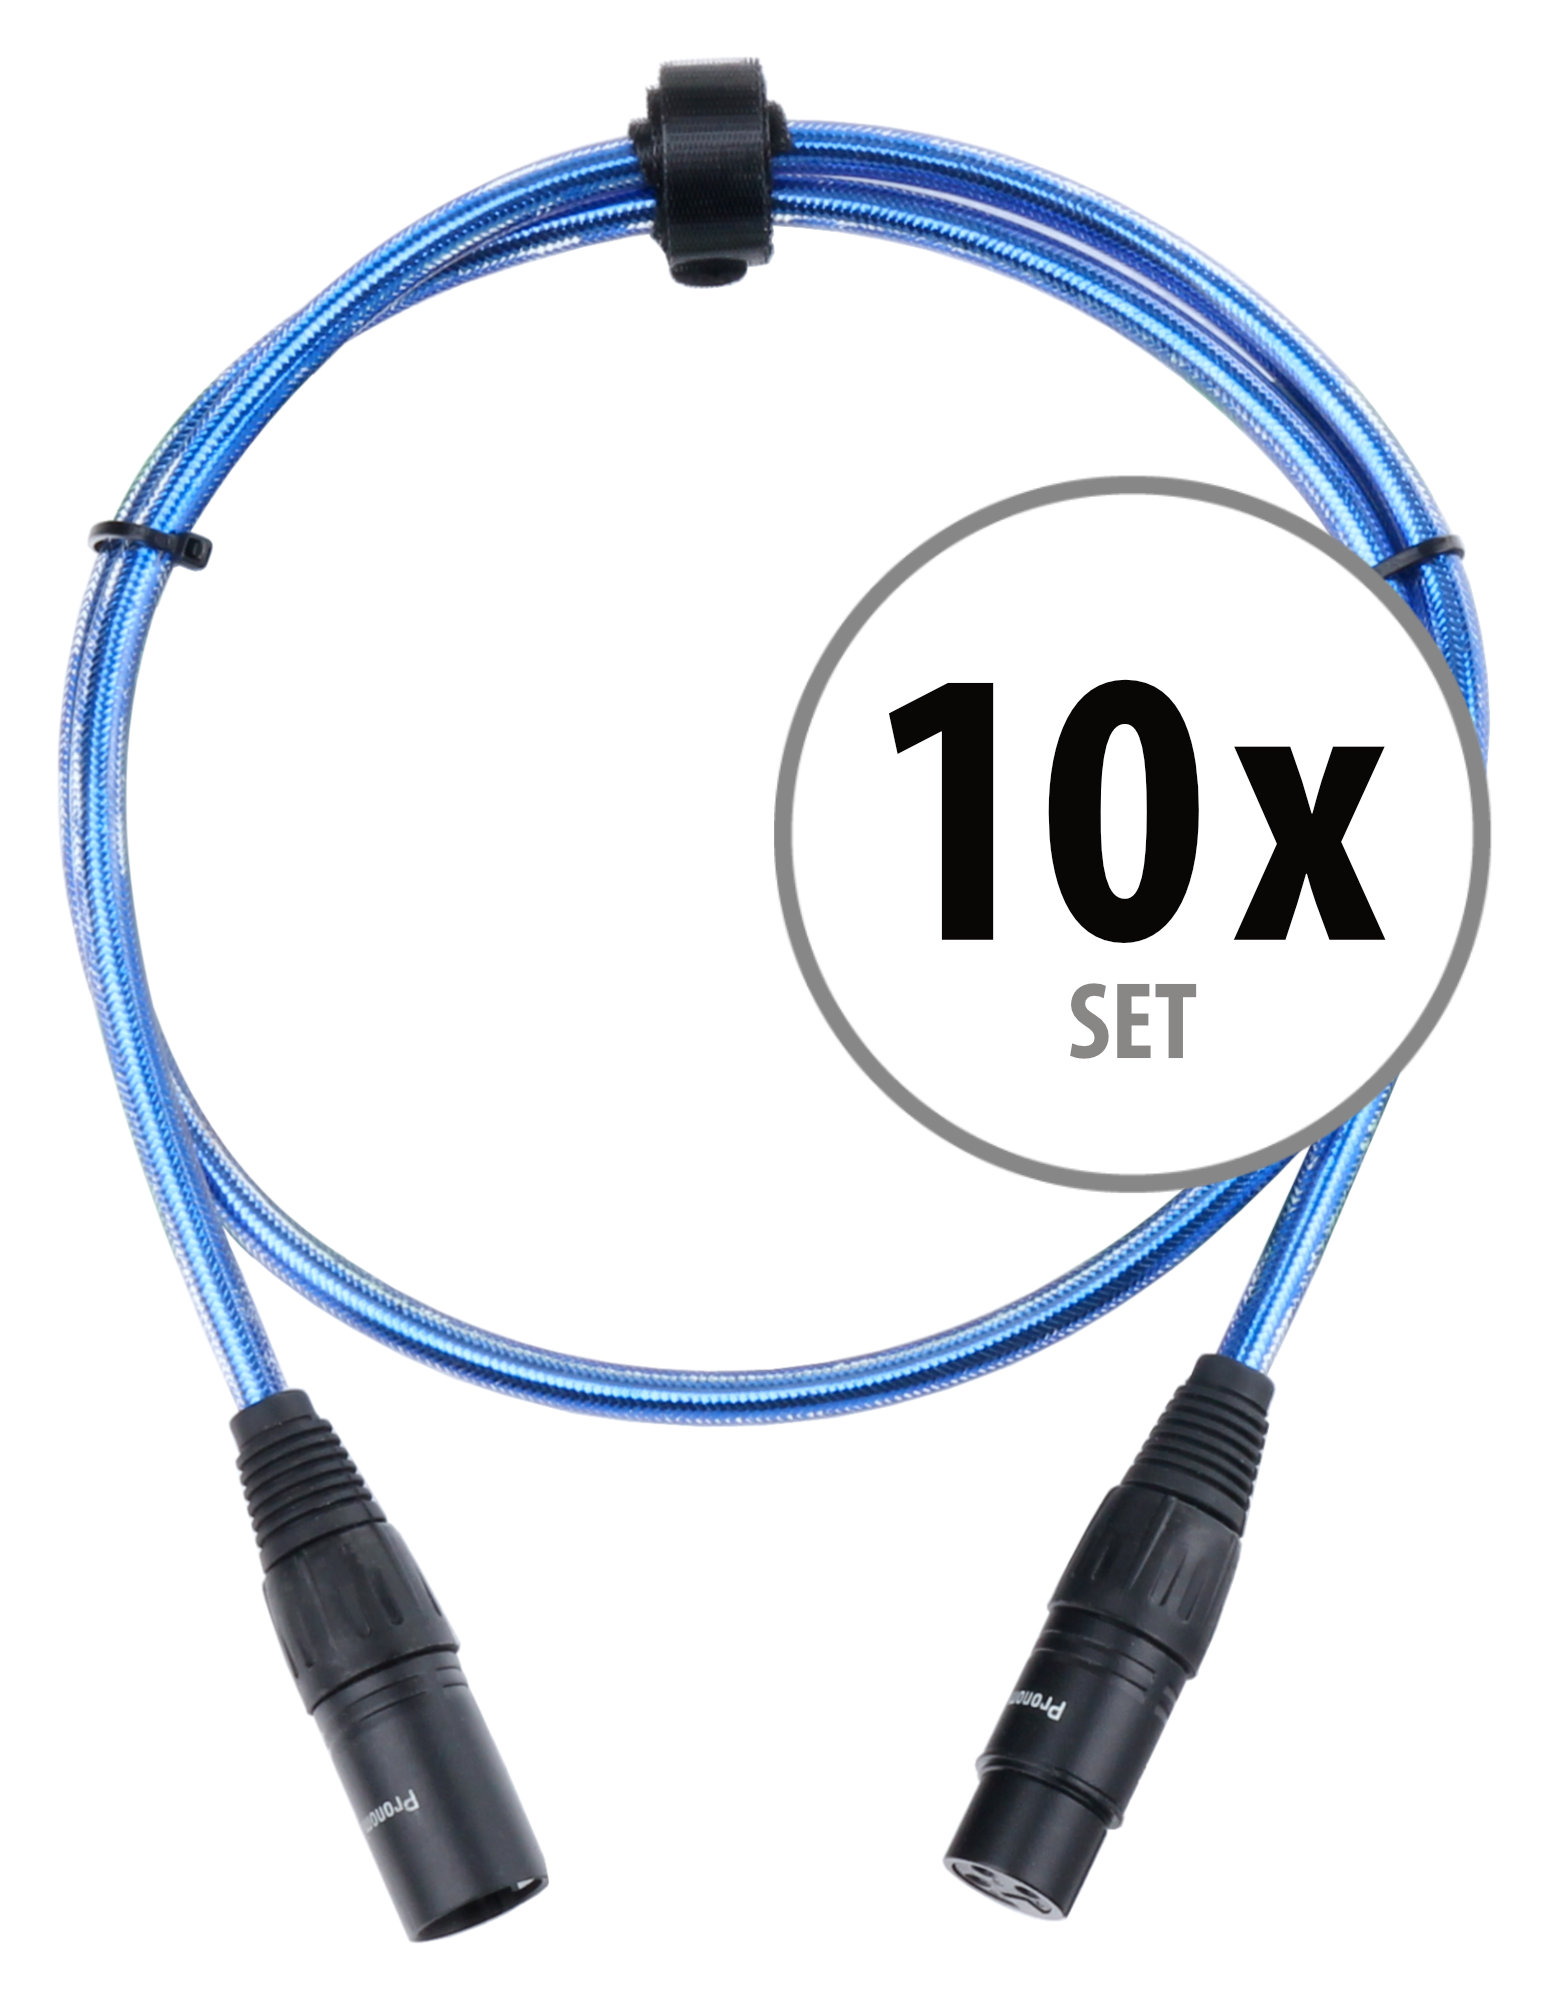 10er Set Pronomic Stage XFXM Blue 1 Mikrofonkabel XLR 1 m Metallic Blue